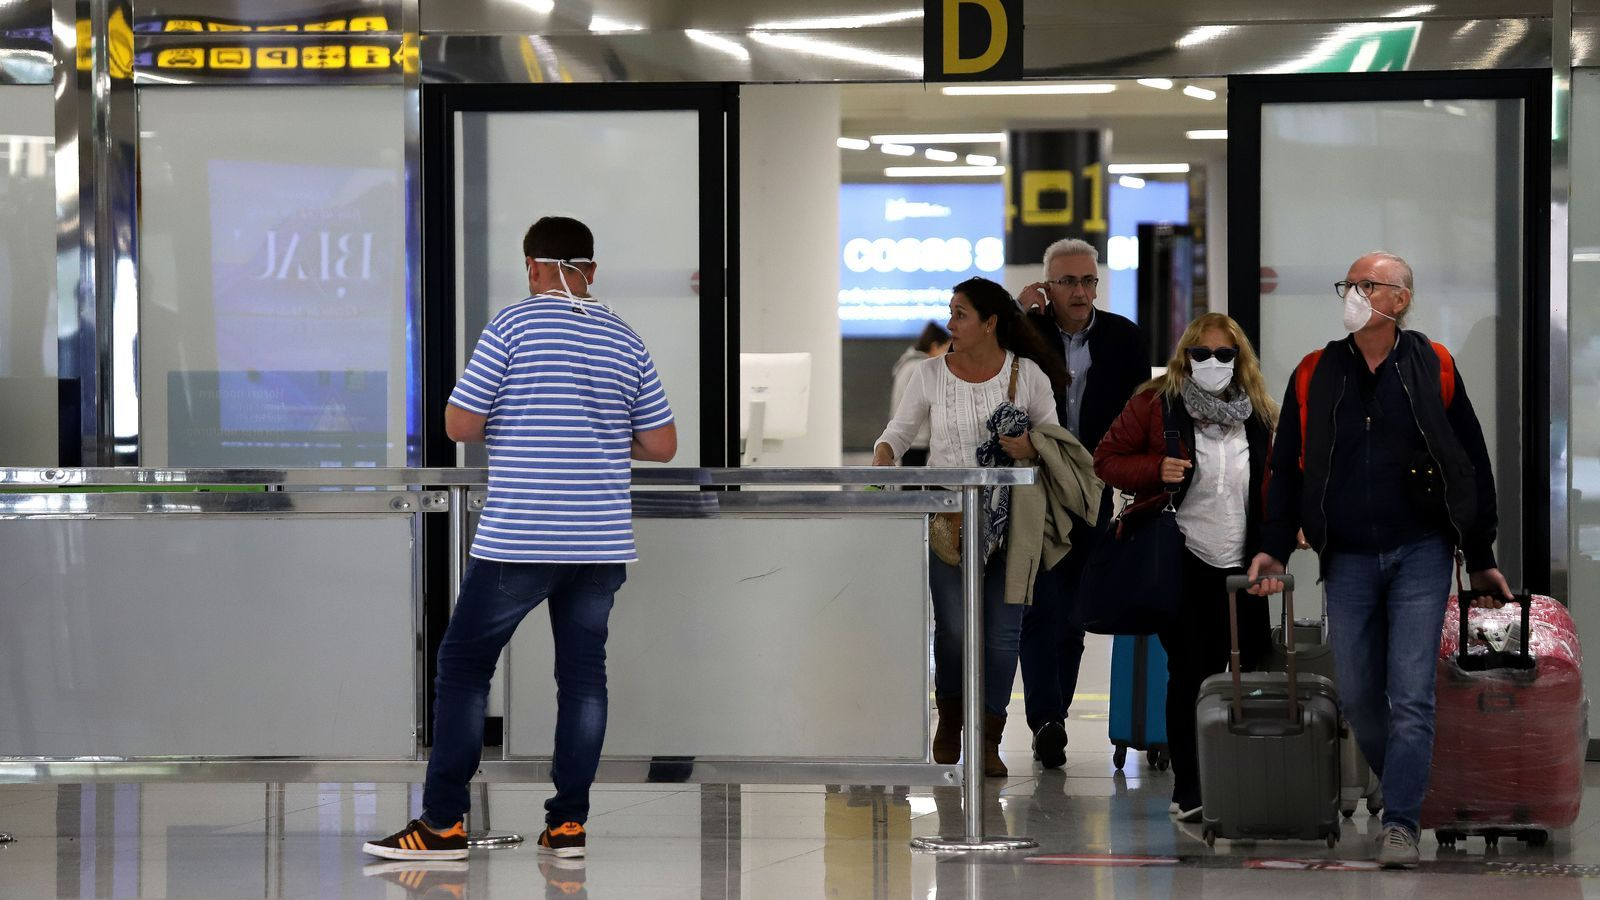 Passatgers arriben a l'areoport de Palma durant l'estat d'alarma